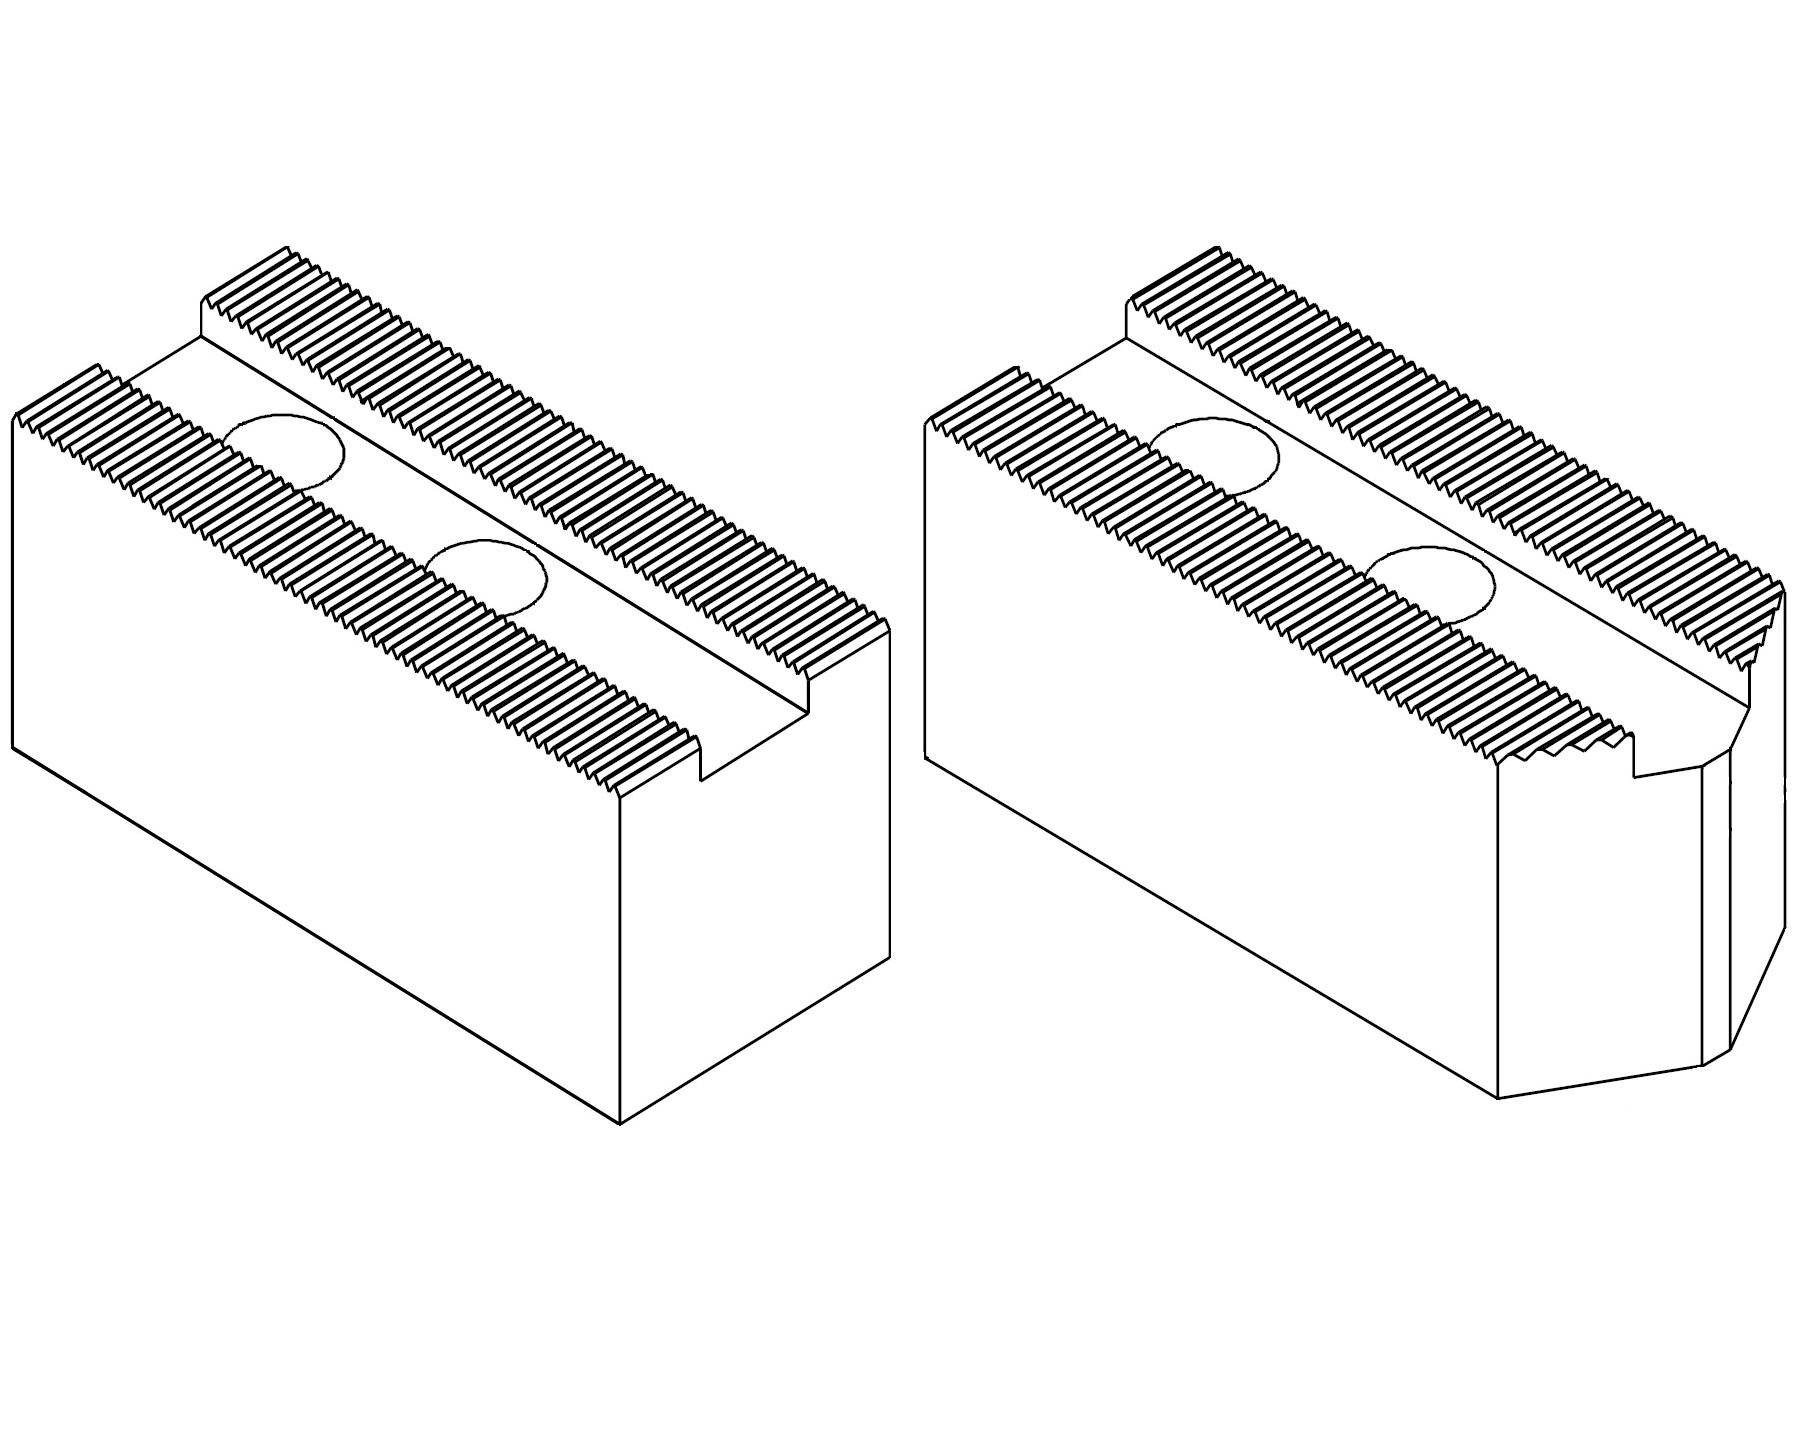 Čelisti měkké 3x60°, šířka drážky - 25 mm